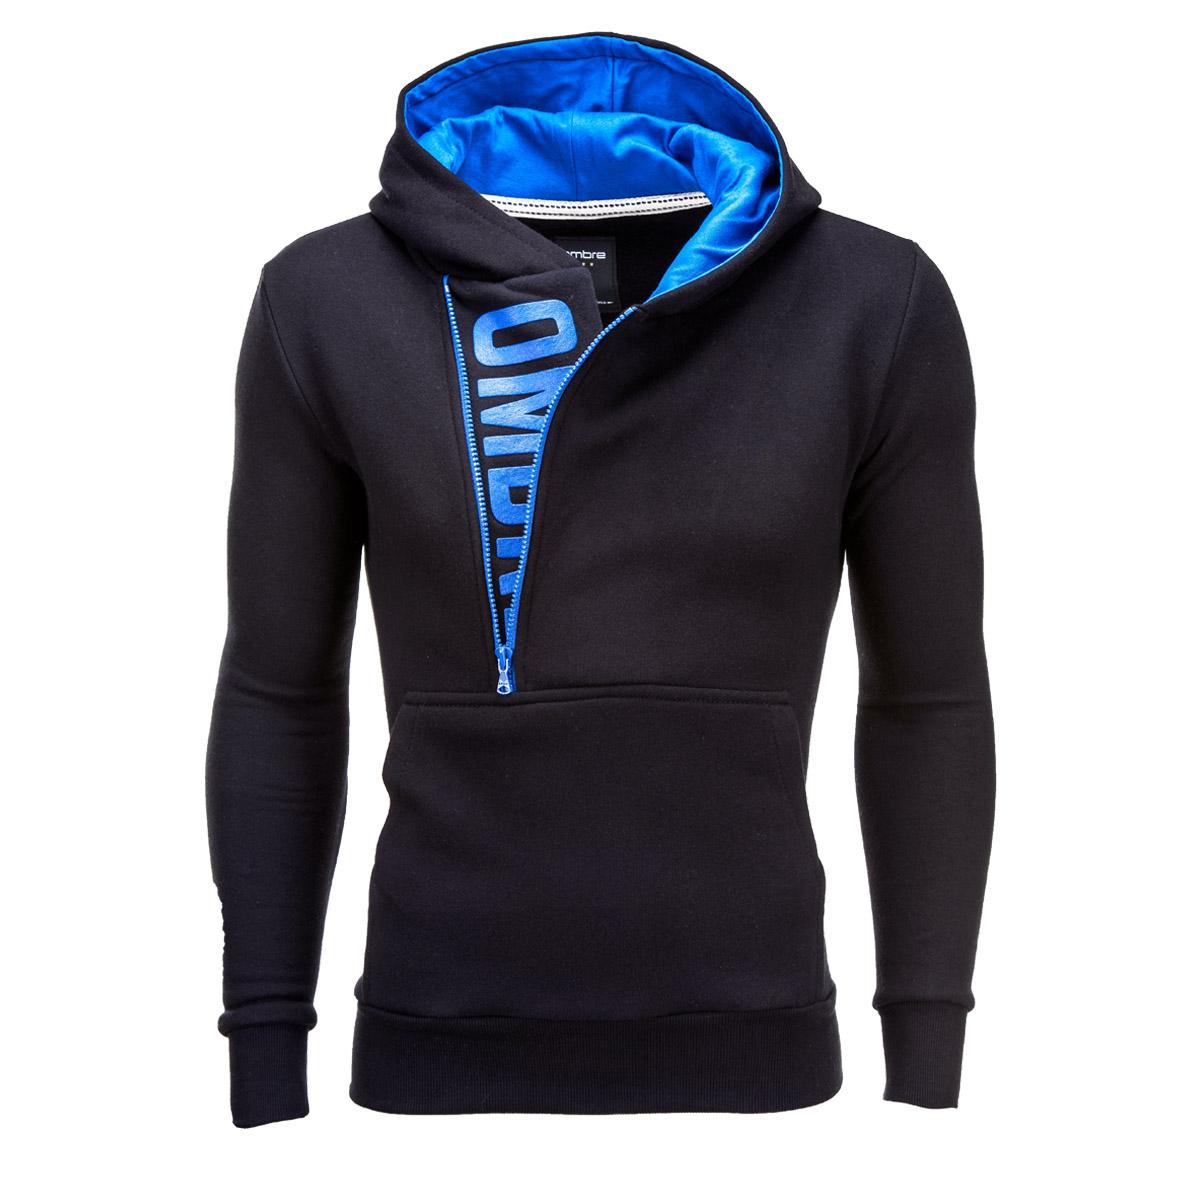 Ombre Clothing Pánska mikina Denis černo-modrá - Glami.sk 64a3b2a3131